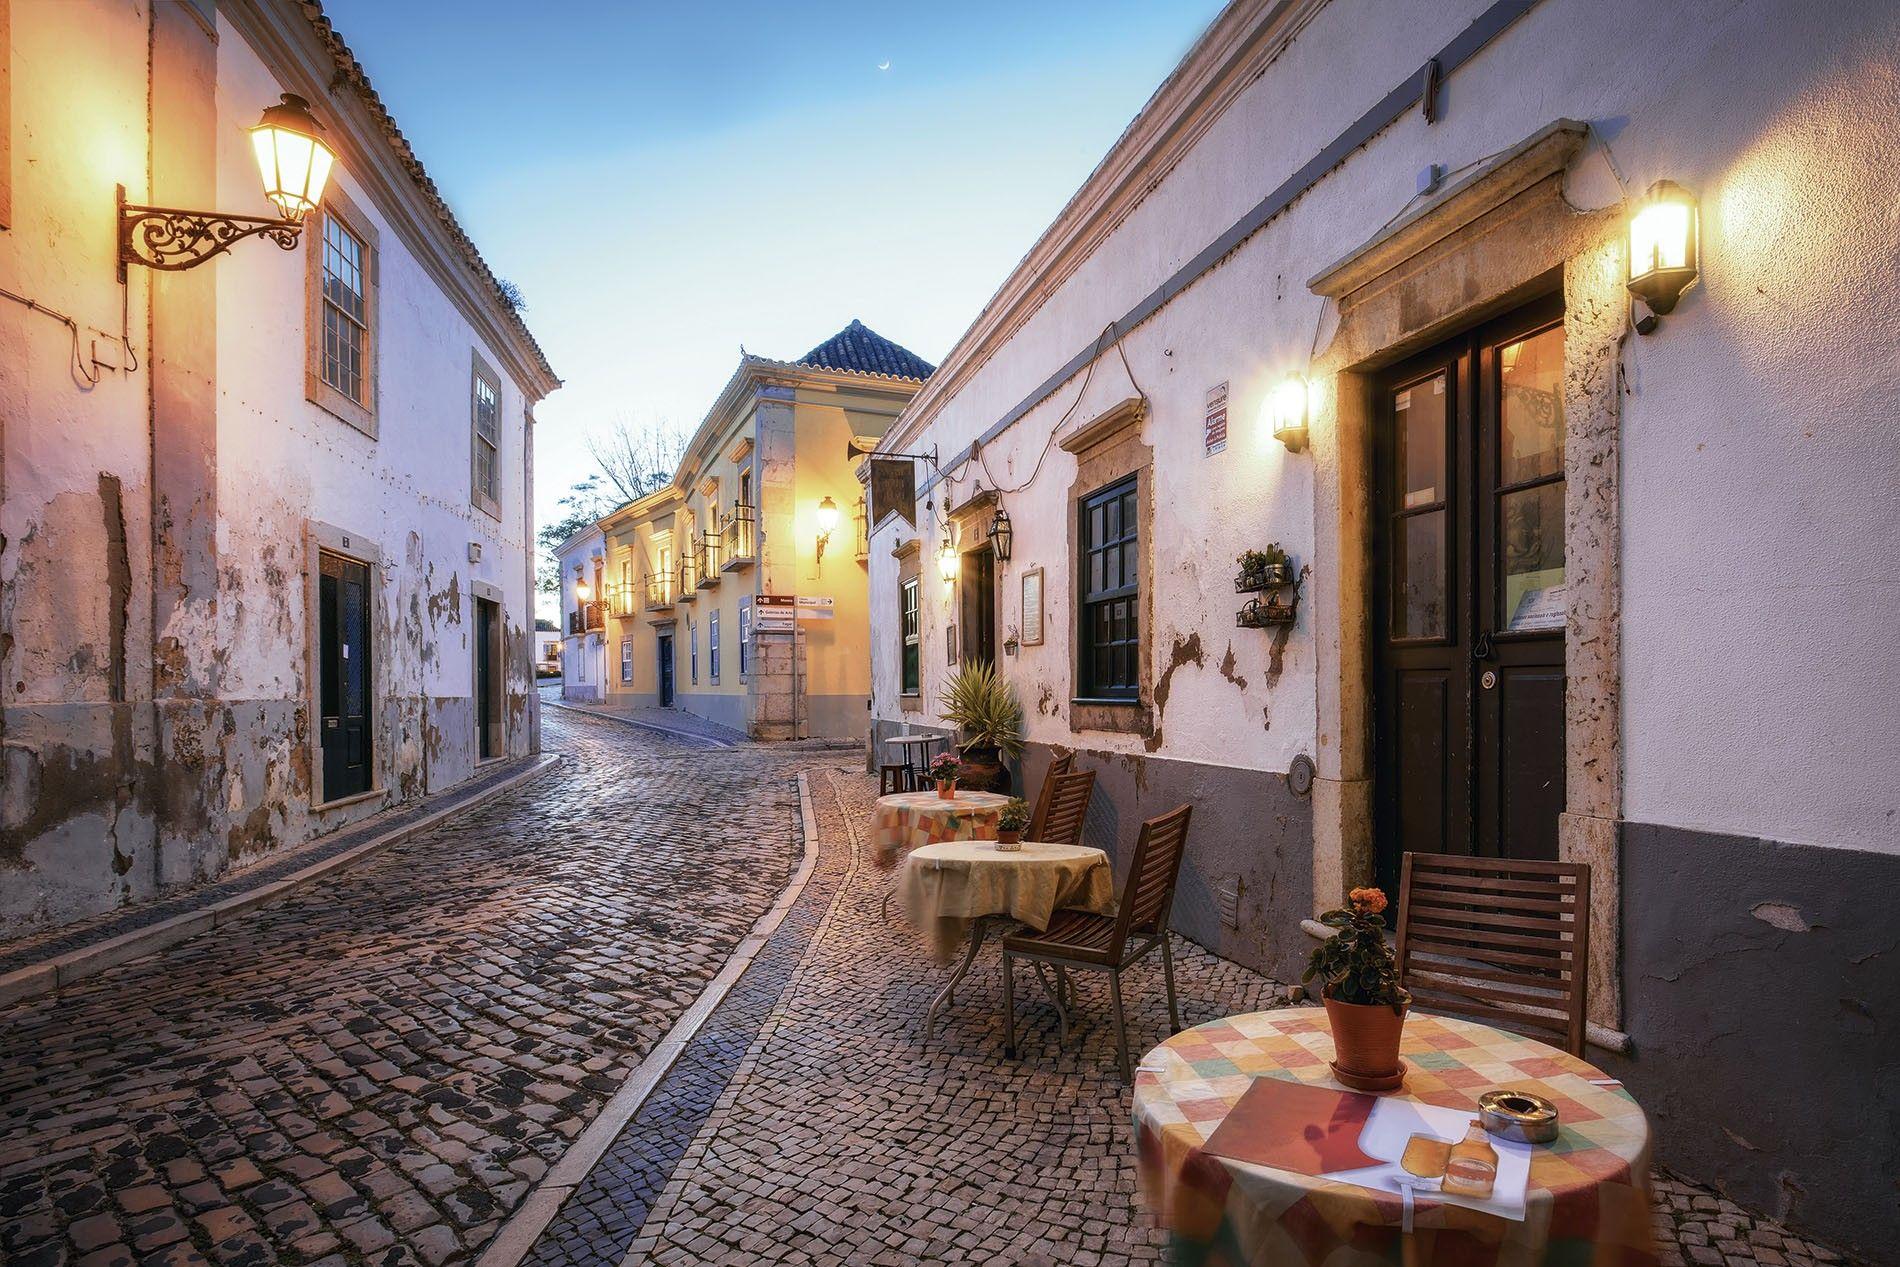 Cafe in Faro Old Town, Algarve.